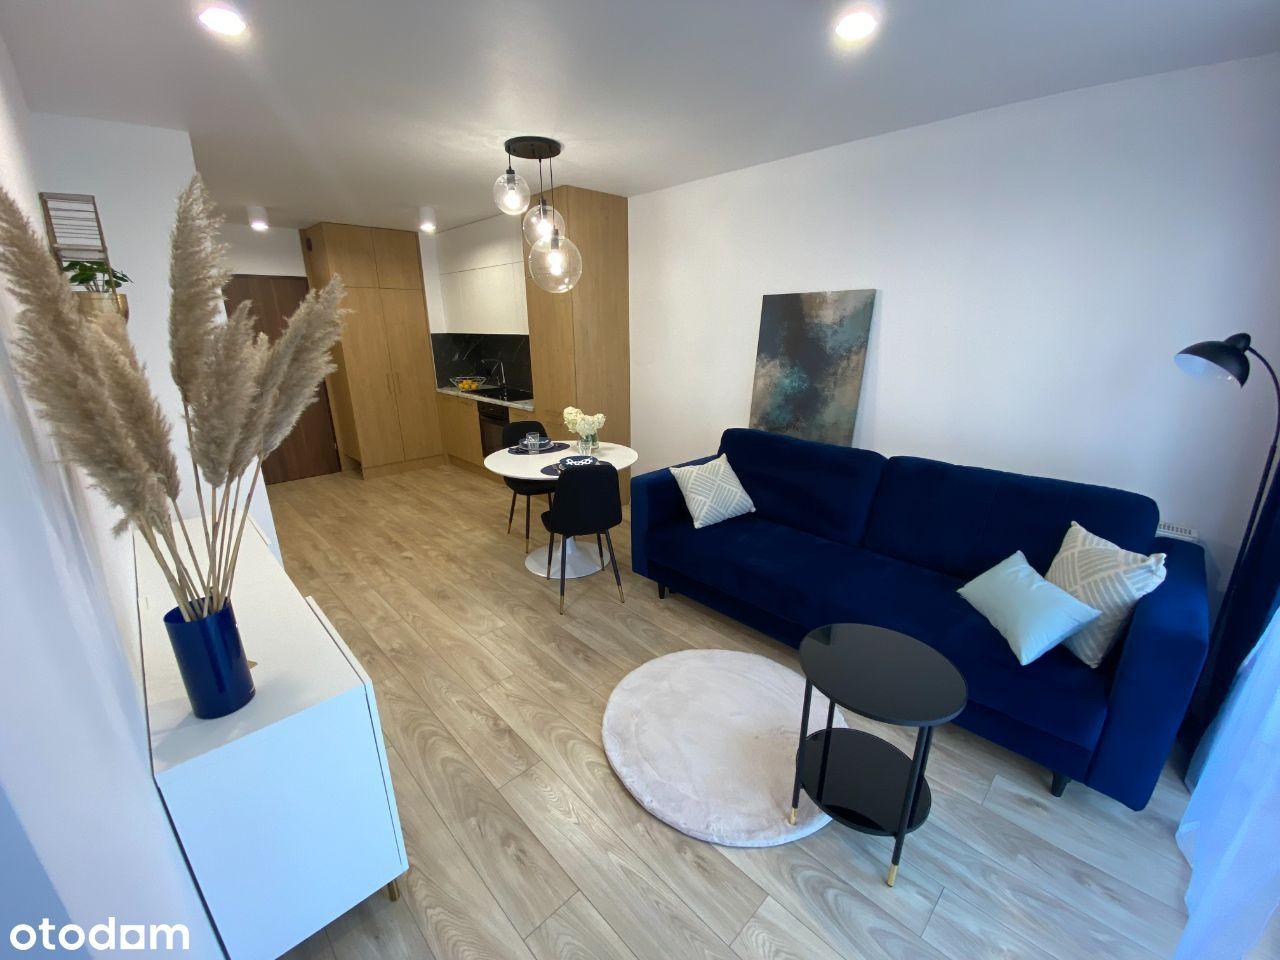 NOWE mieszkanie Dębowe Tarasy+parking - REZERWACJA